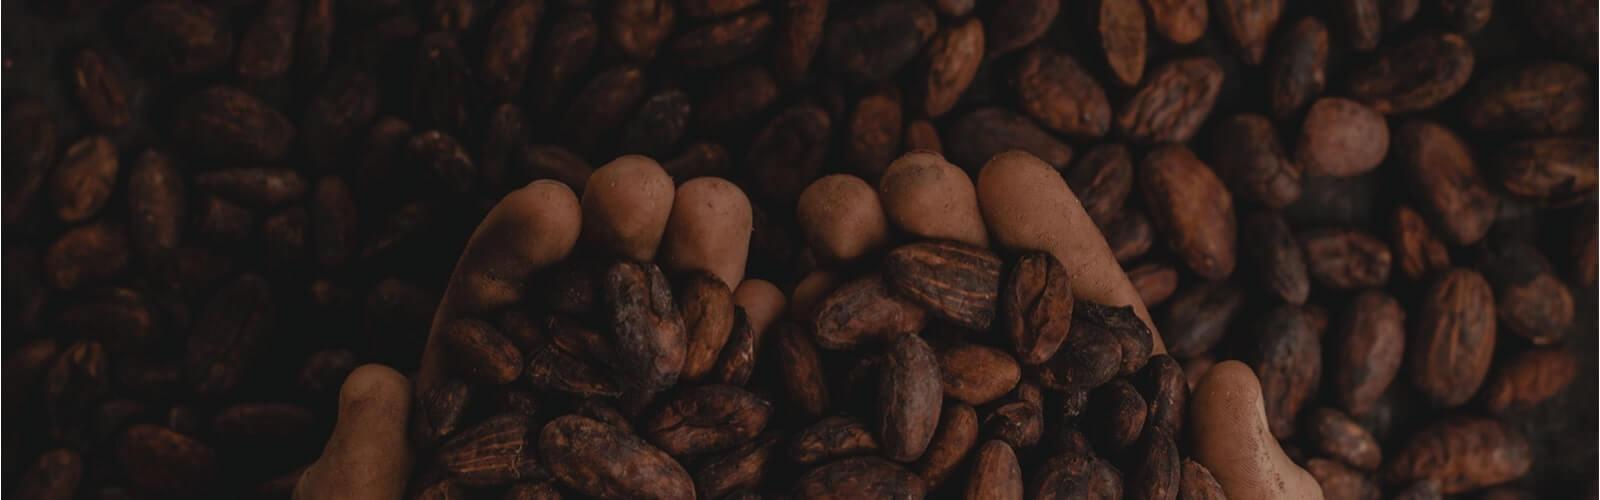 Spectra Cocoa Bean - Spectra Melangers